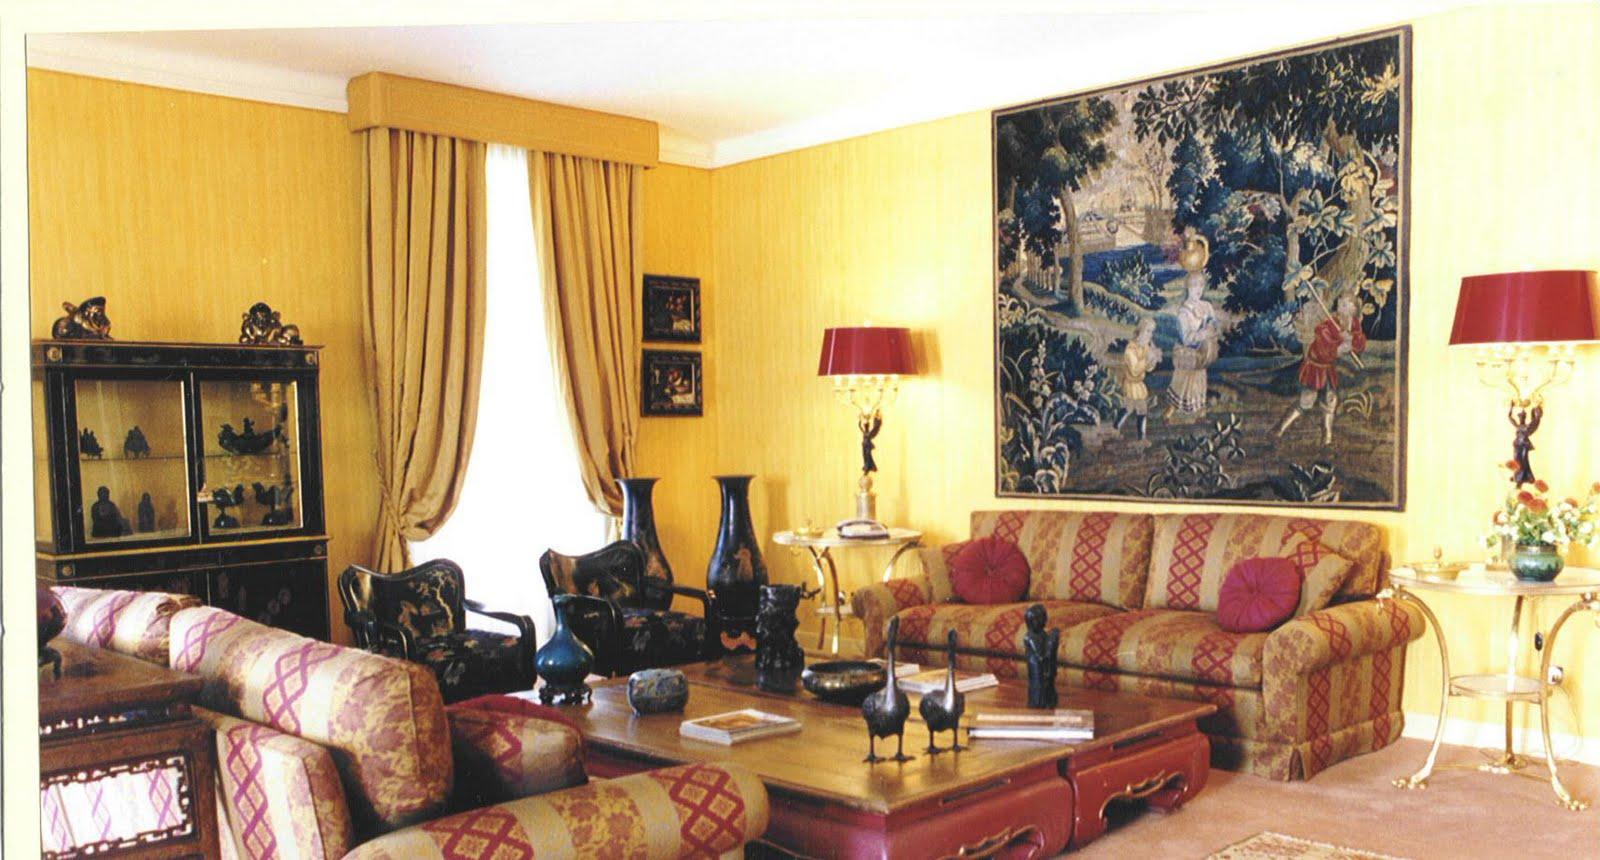 Consigli per la casa e l 39 arredamento imbiancare casa - Disposizione stanze casa ...